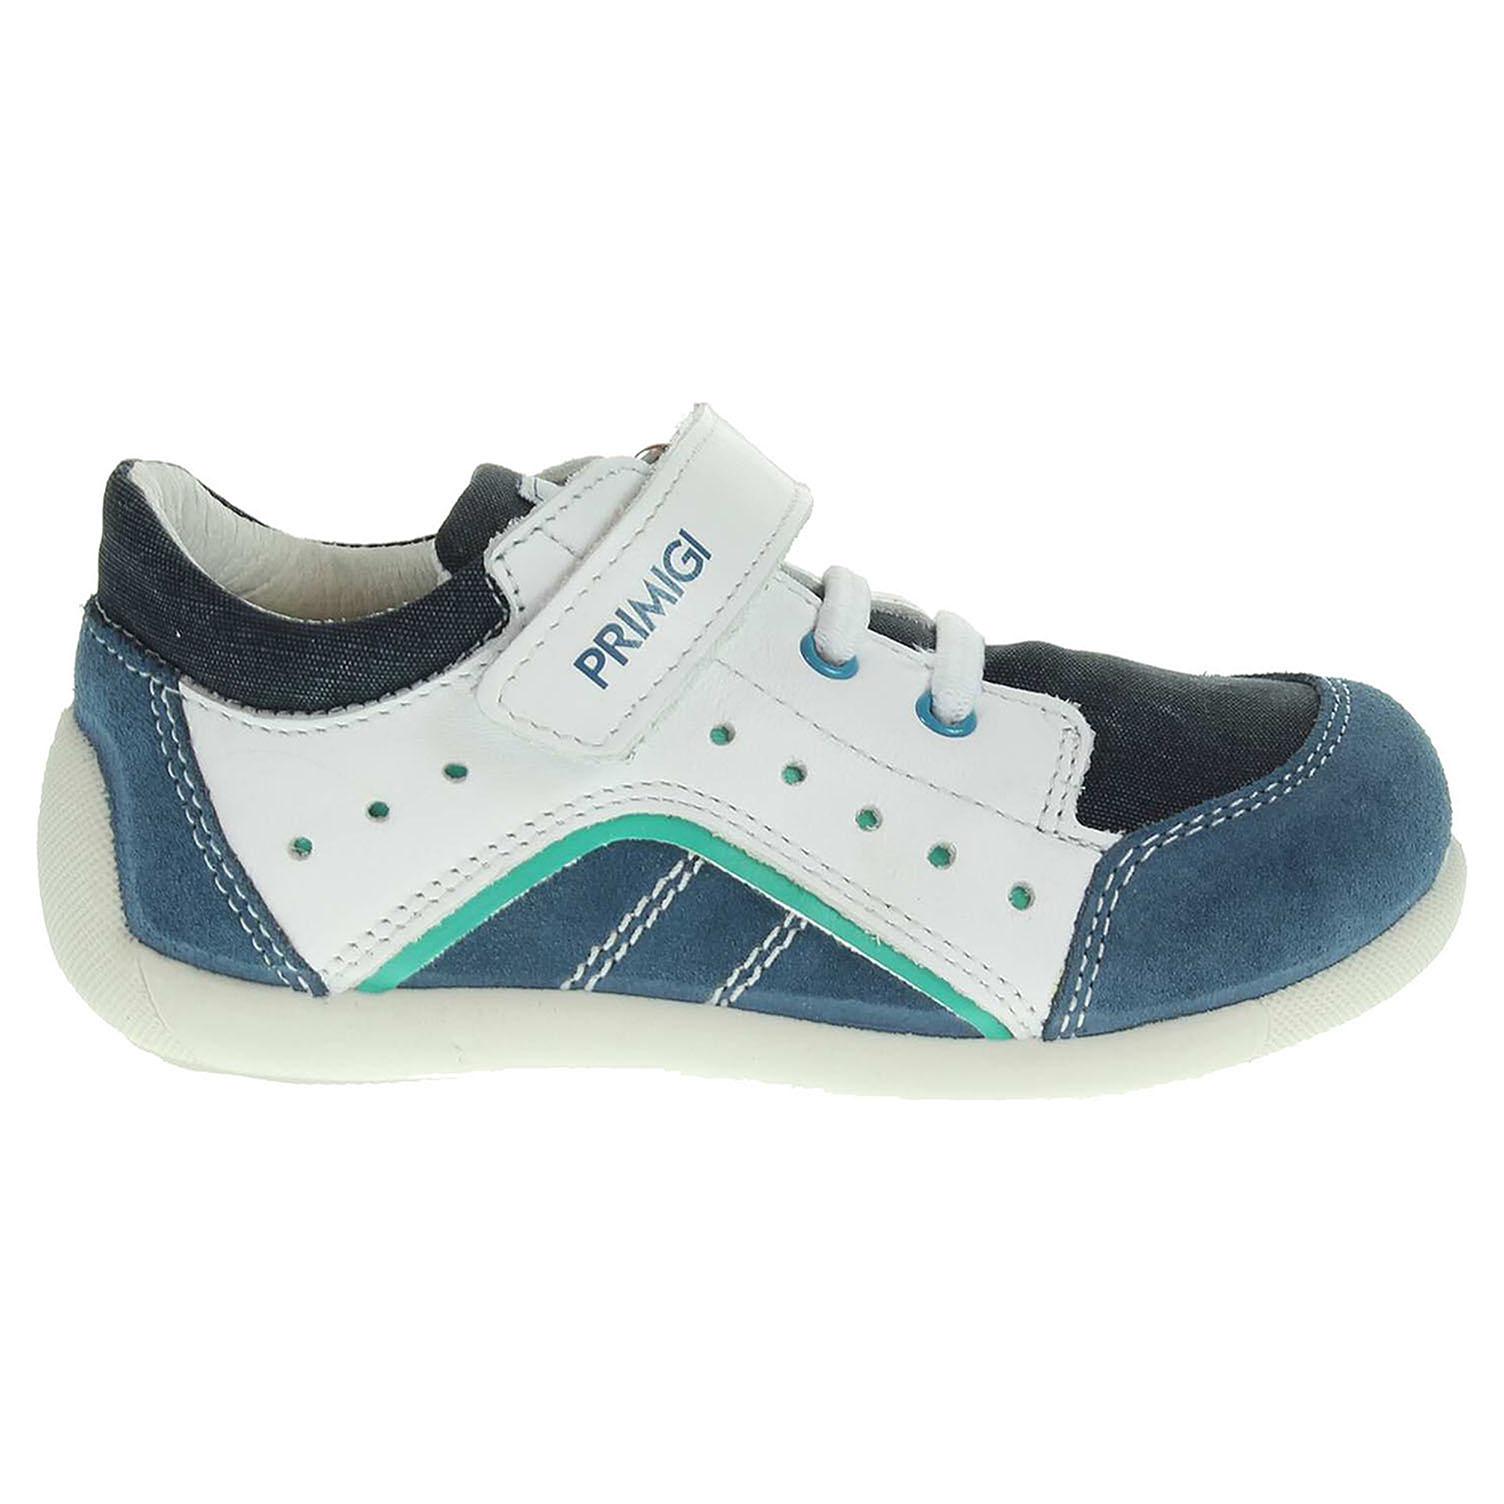 Ecco Primigi Delhi 5512200 chlapecké kotníkové bílá-modrá 29400064